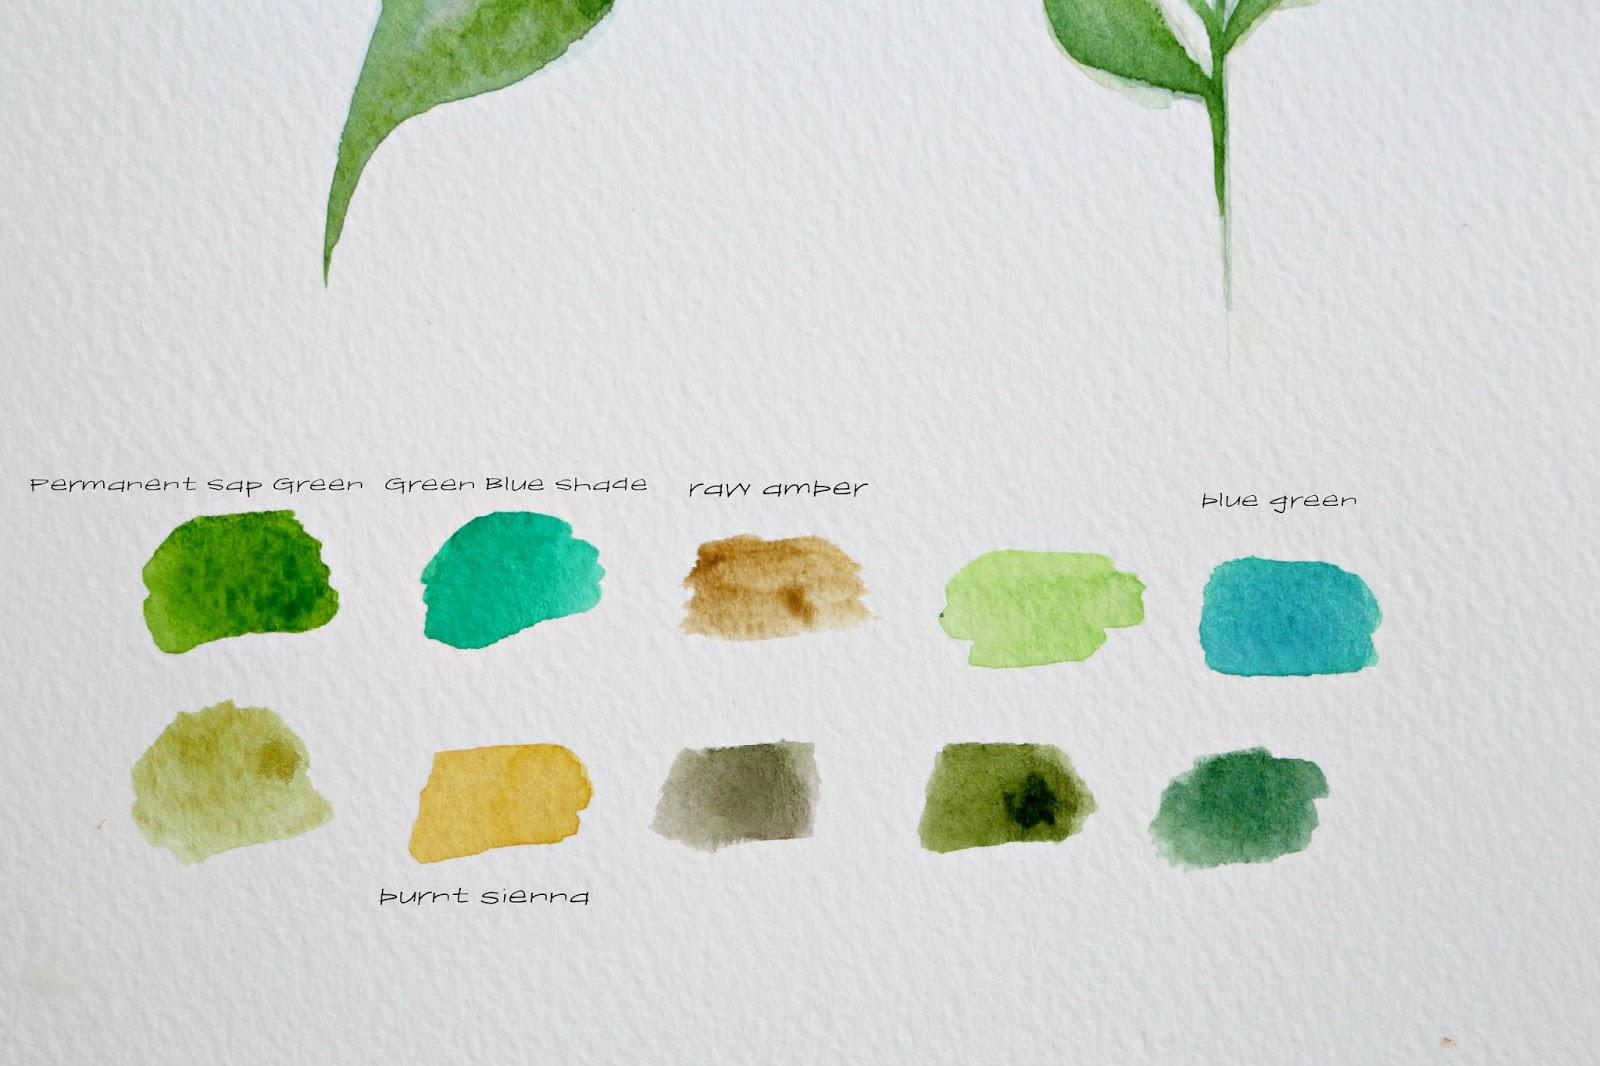 цветовая схема палитры для рисования листьев акварелью